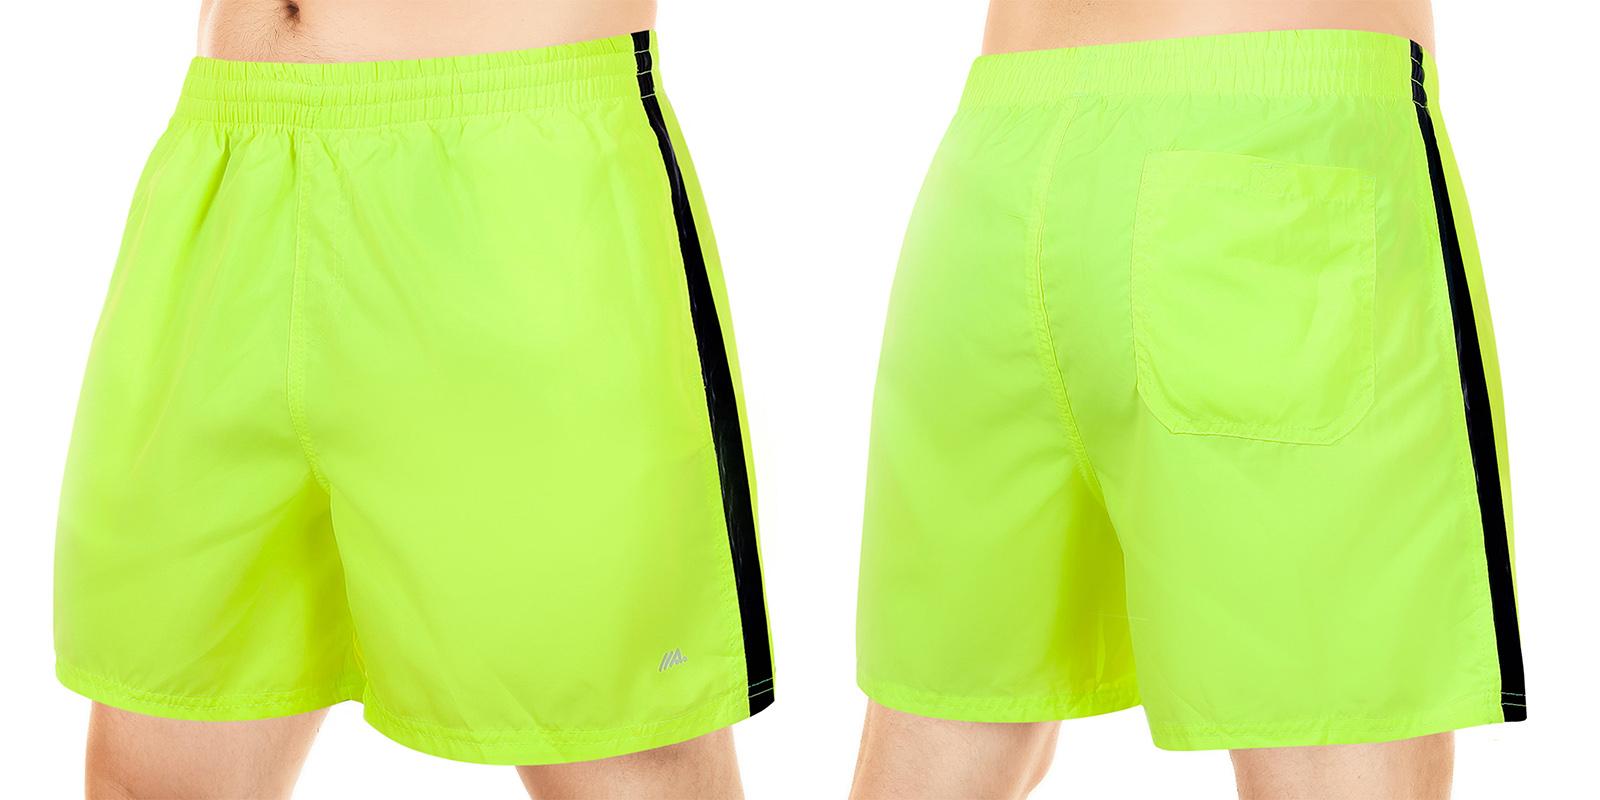 Заказать короткие мужские шорты ярко-лимонного цвета от MACE (Канада)